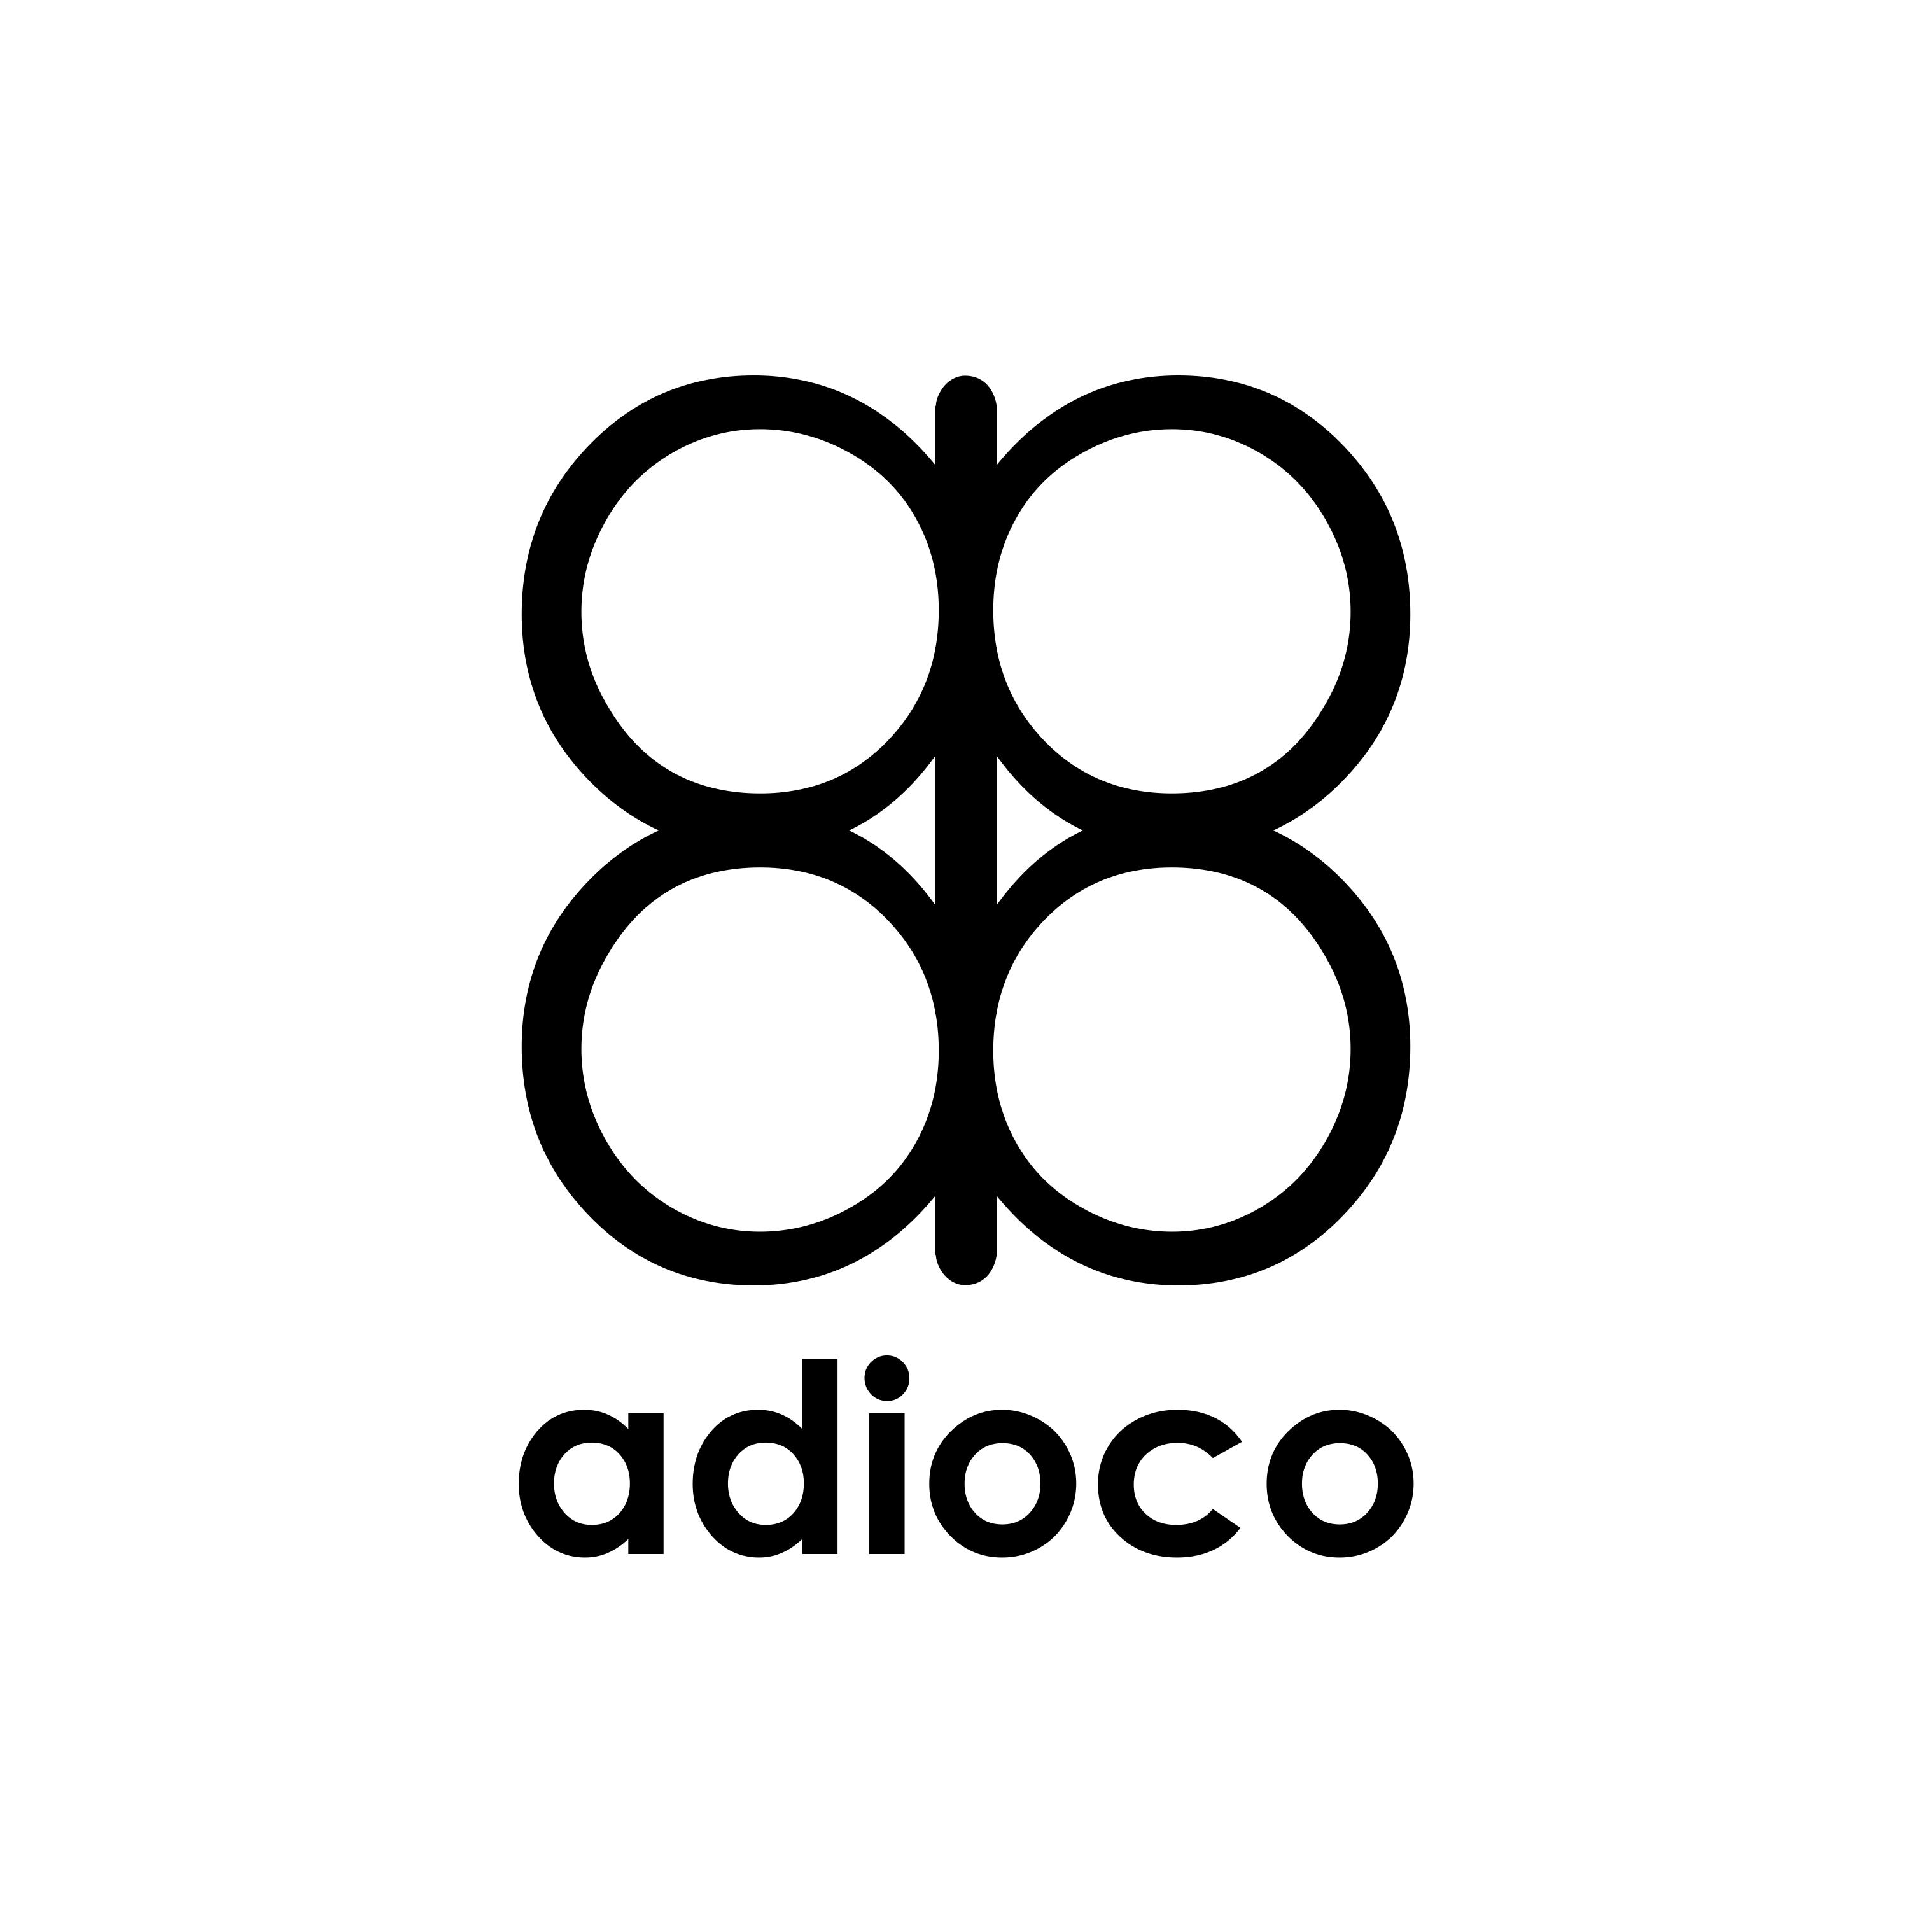 Adioco logo new